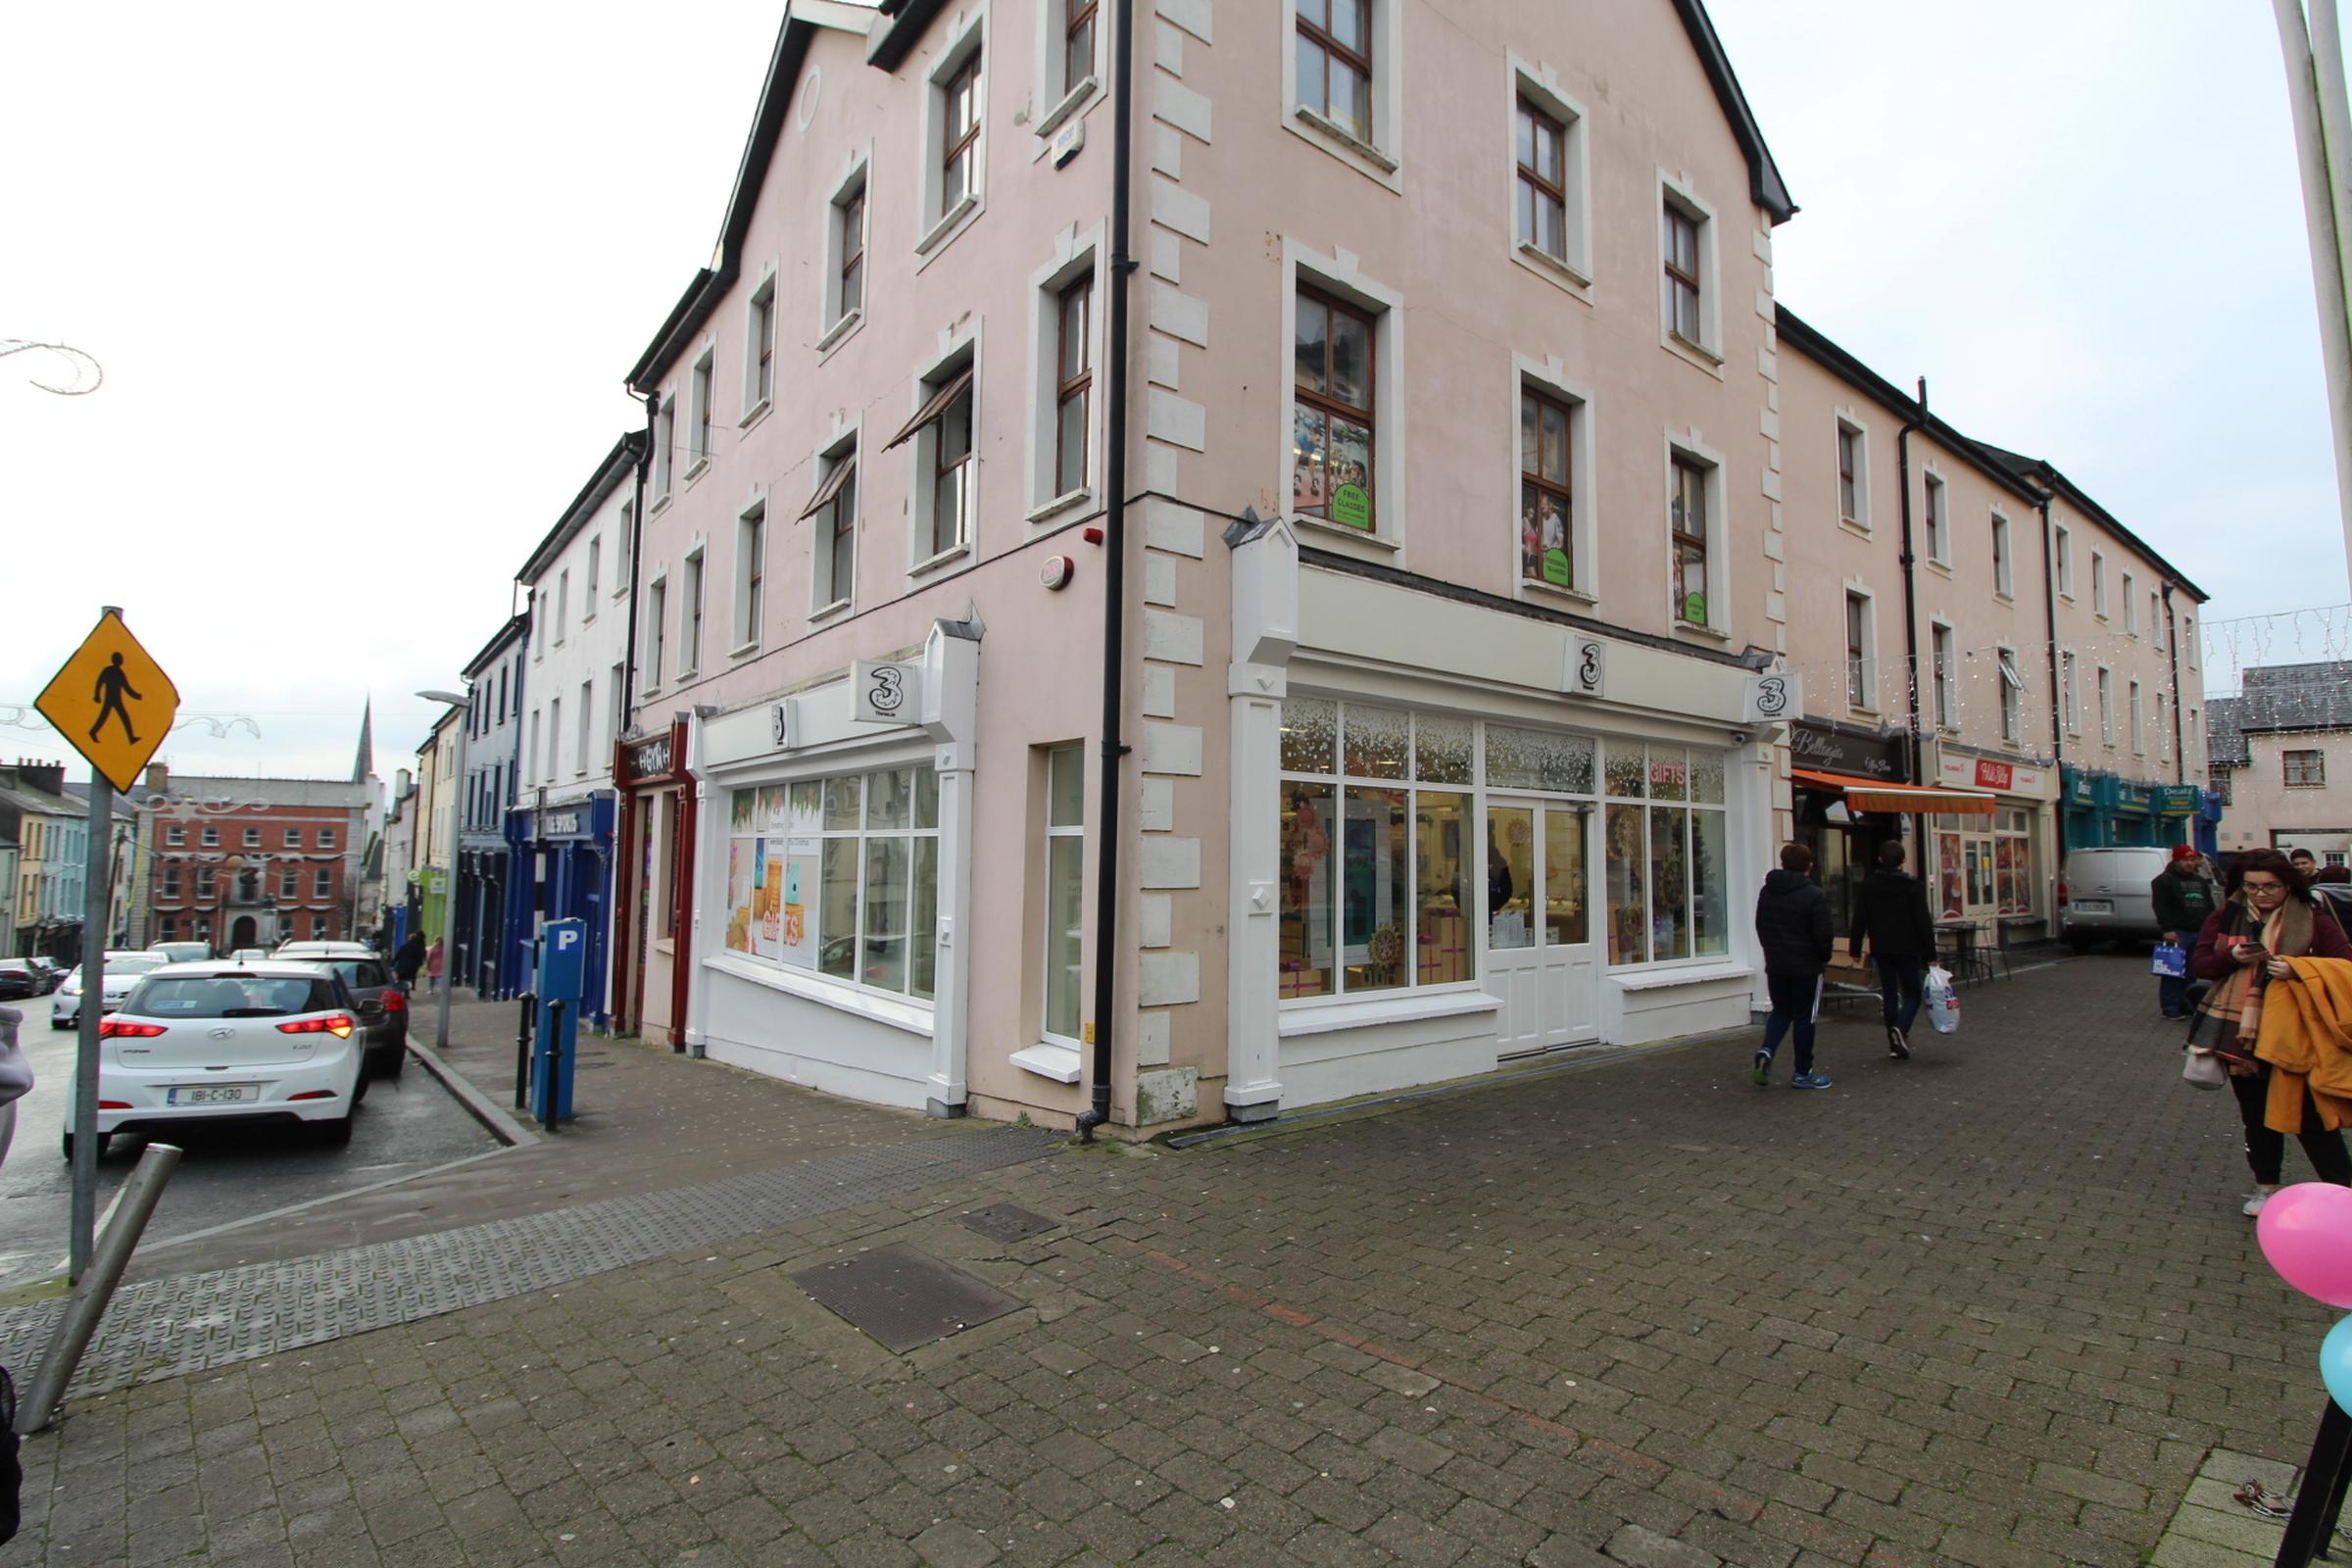 5a Market Square, Mallow, Co. Cork